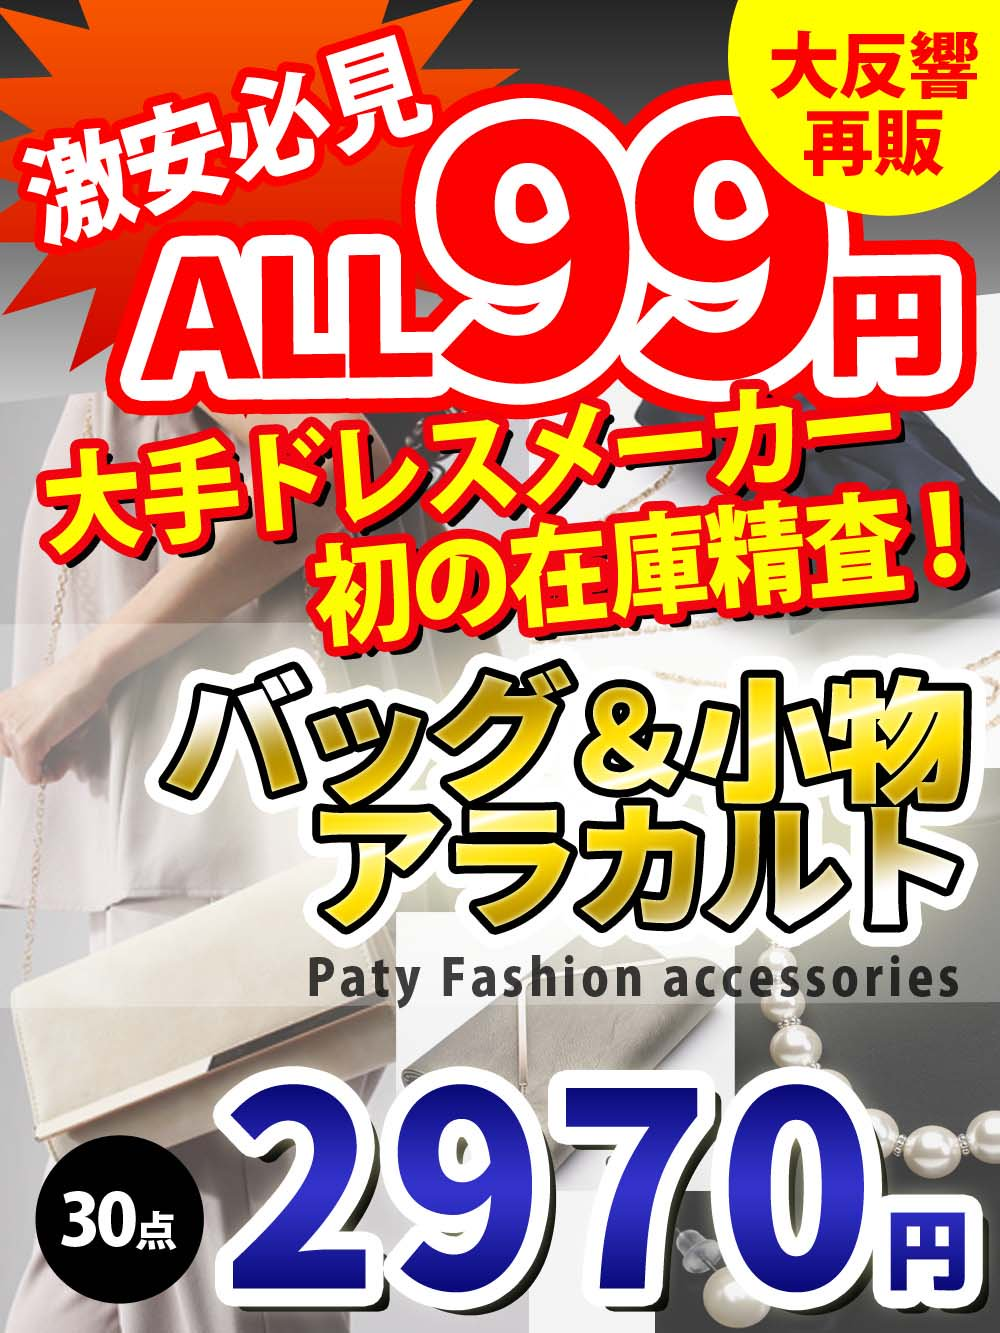 【激安必見99円】大手ドレスメーカーが初めての在庫精査、バッグ&小物アラカルト!!【30点】@99